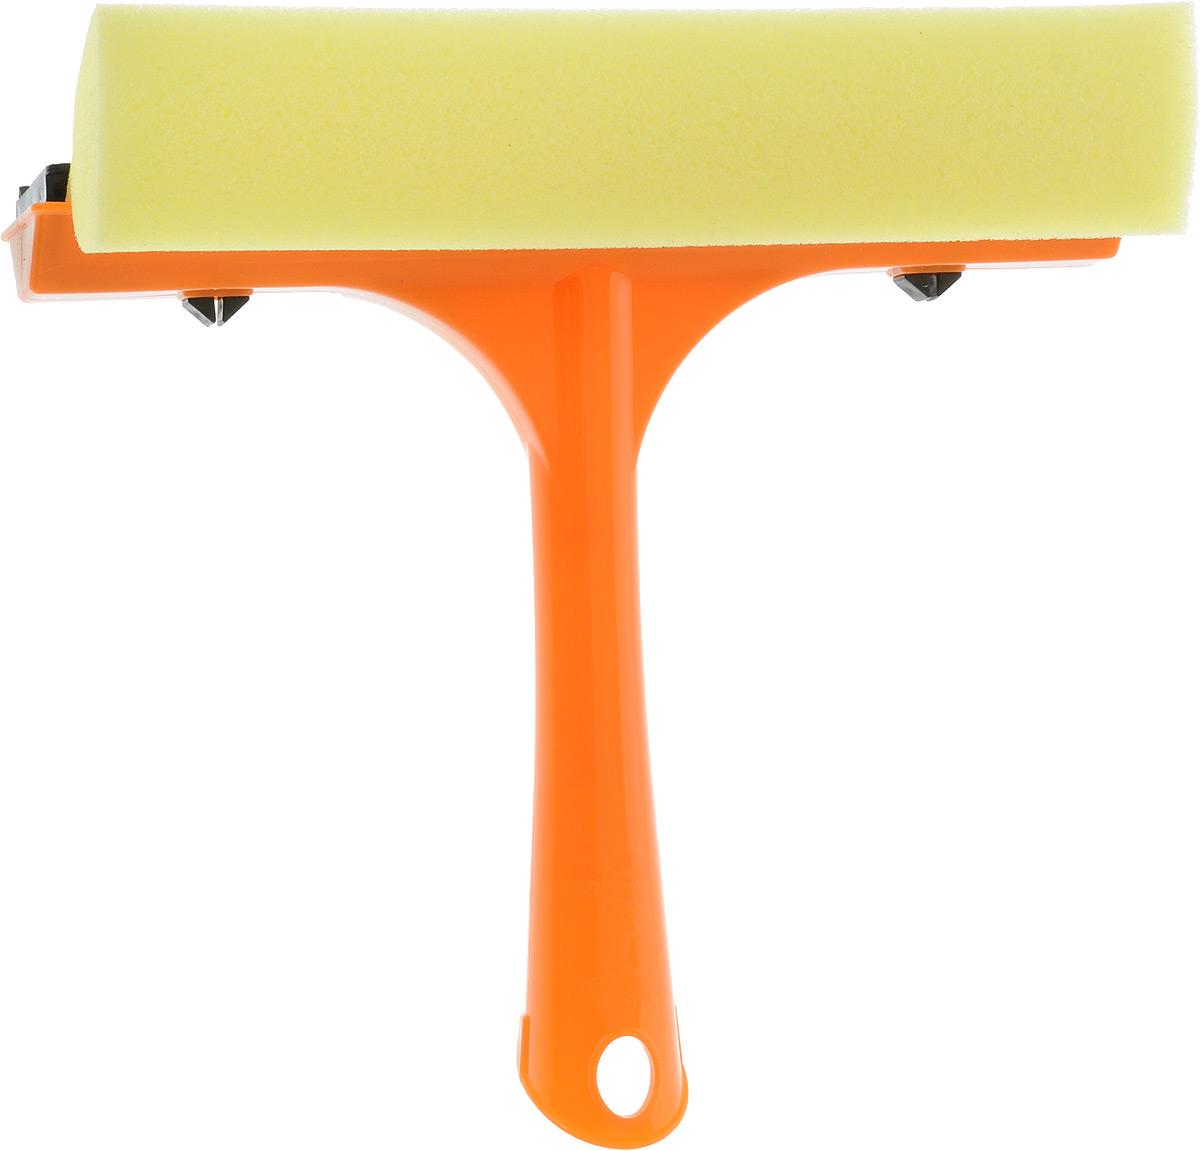 Стеклоочиститель Svip, с водосгоном, цвет: оранжевый, желтый, длина 20 смSV3057РЖ-23PSСтеклоочиститель Svip, оснащенный удобной пластиковой ручкой, станет незаменимым помощником при уборке. Стеклоочиститель с одной стороны имеет поролоновую губку для тщательного отмывания, а с другой резиновую кромку, с помощью которой легко собрать всю влагу, оставив стекло зеркально чистым и без разводов. Длина ручки: 15,5 см, Ширина рабочей поверхности: 21,3 см.